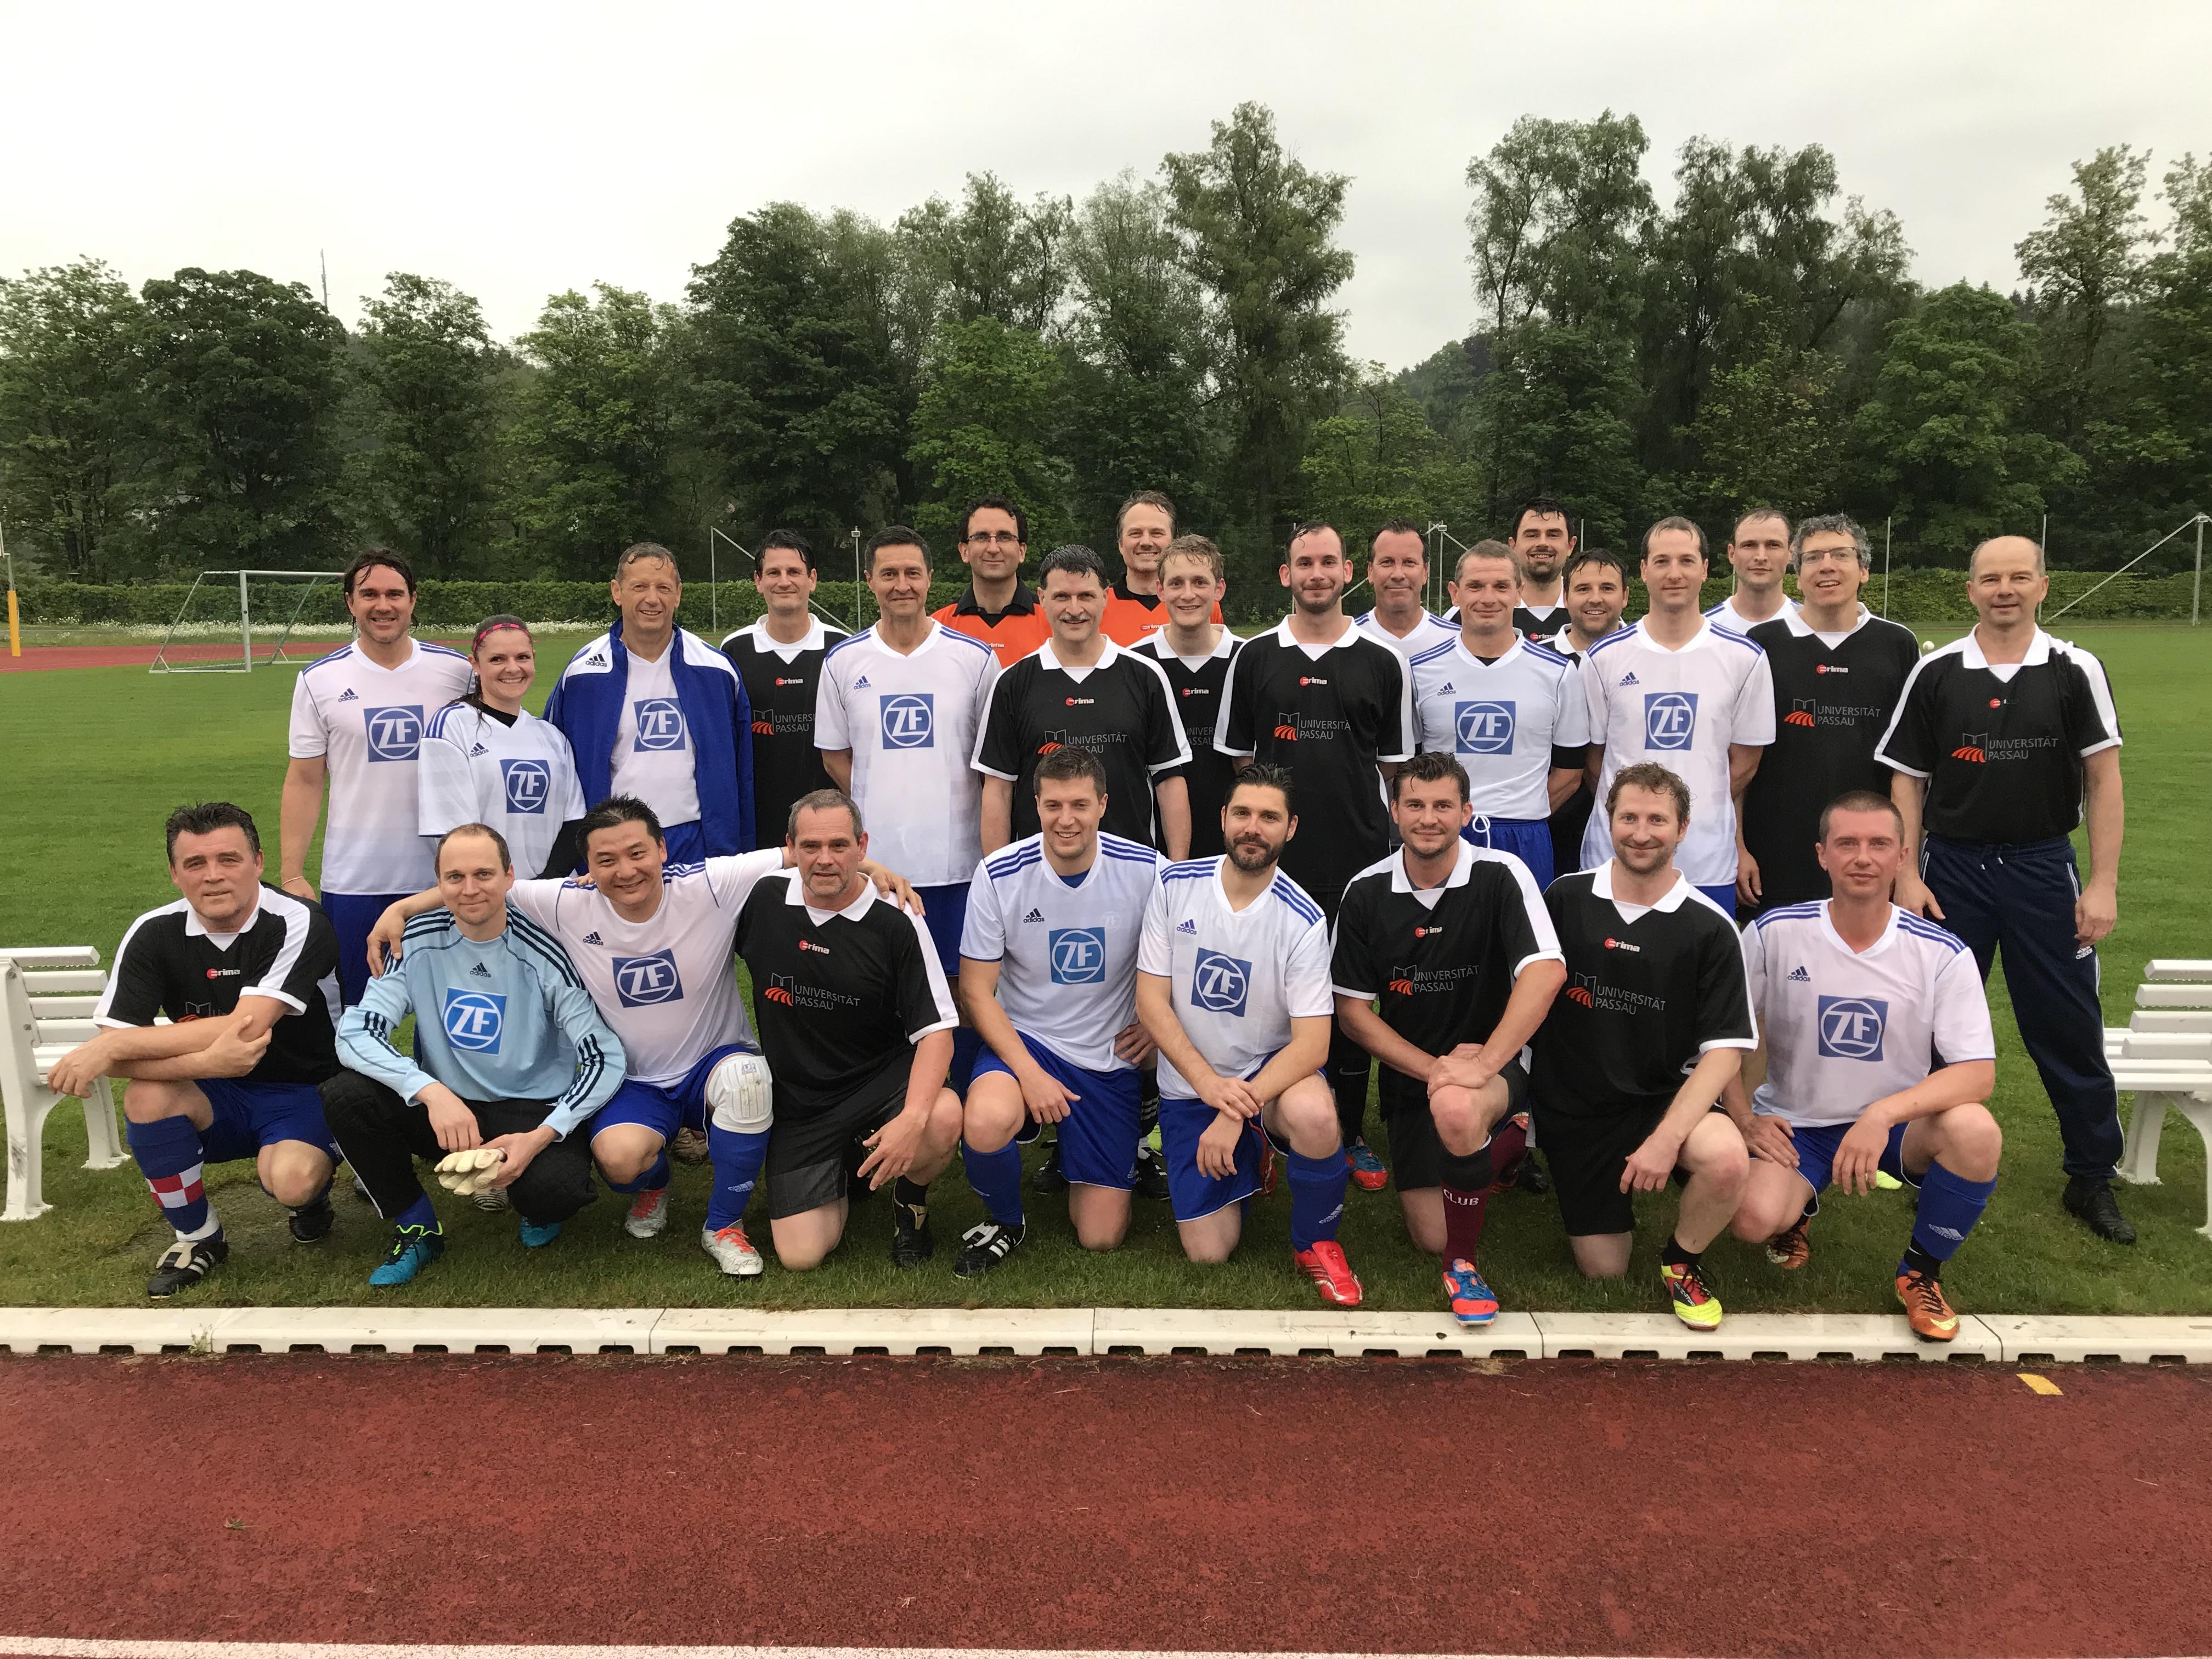 Die Teams der Universität und der ZF trafen sich auf dem Sportplatz der Universität.